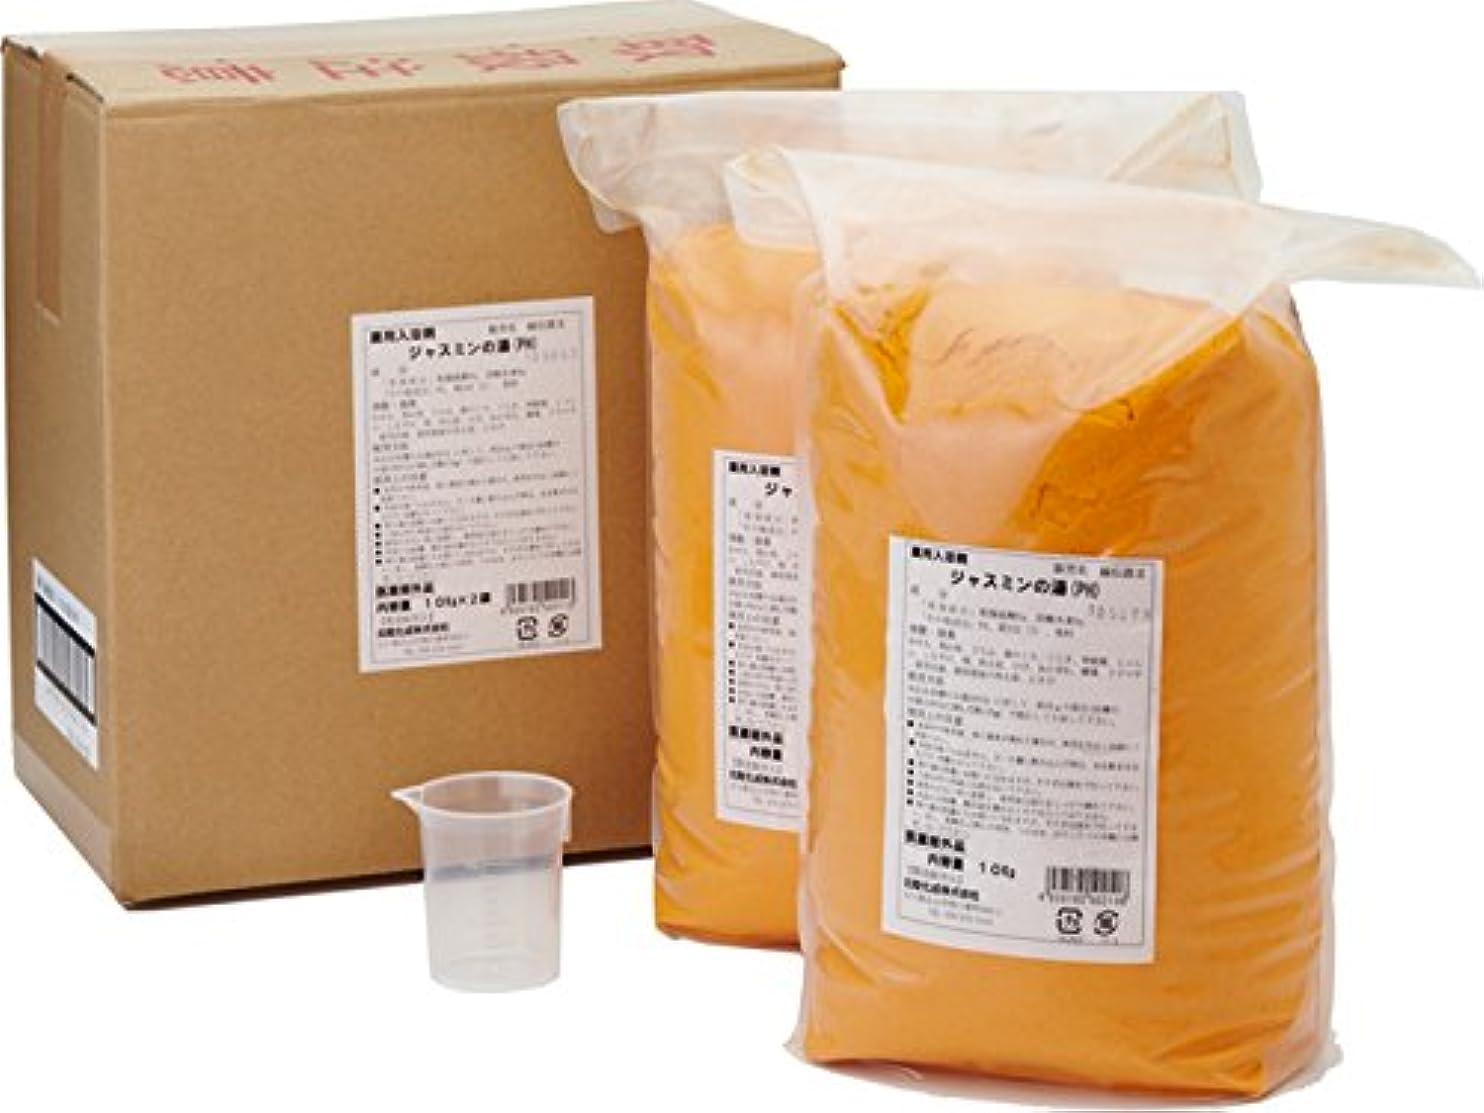 ピラミッドオートメーション透過性入浴剤 ジャスミンの湯 / 20kg(10kg×2) ケース